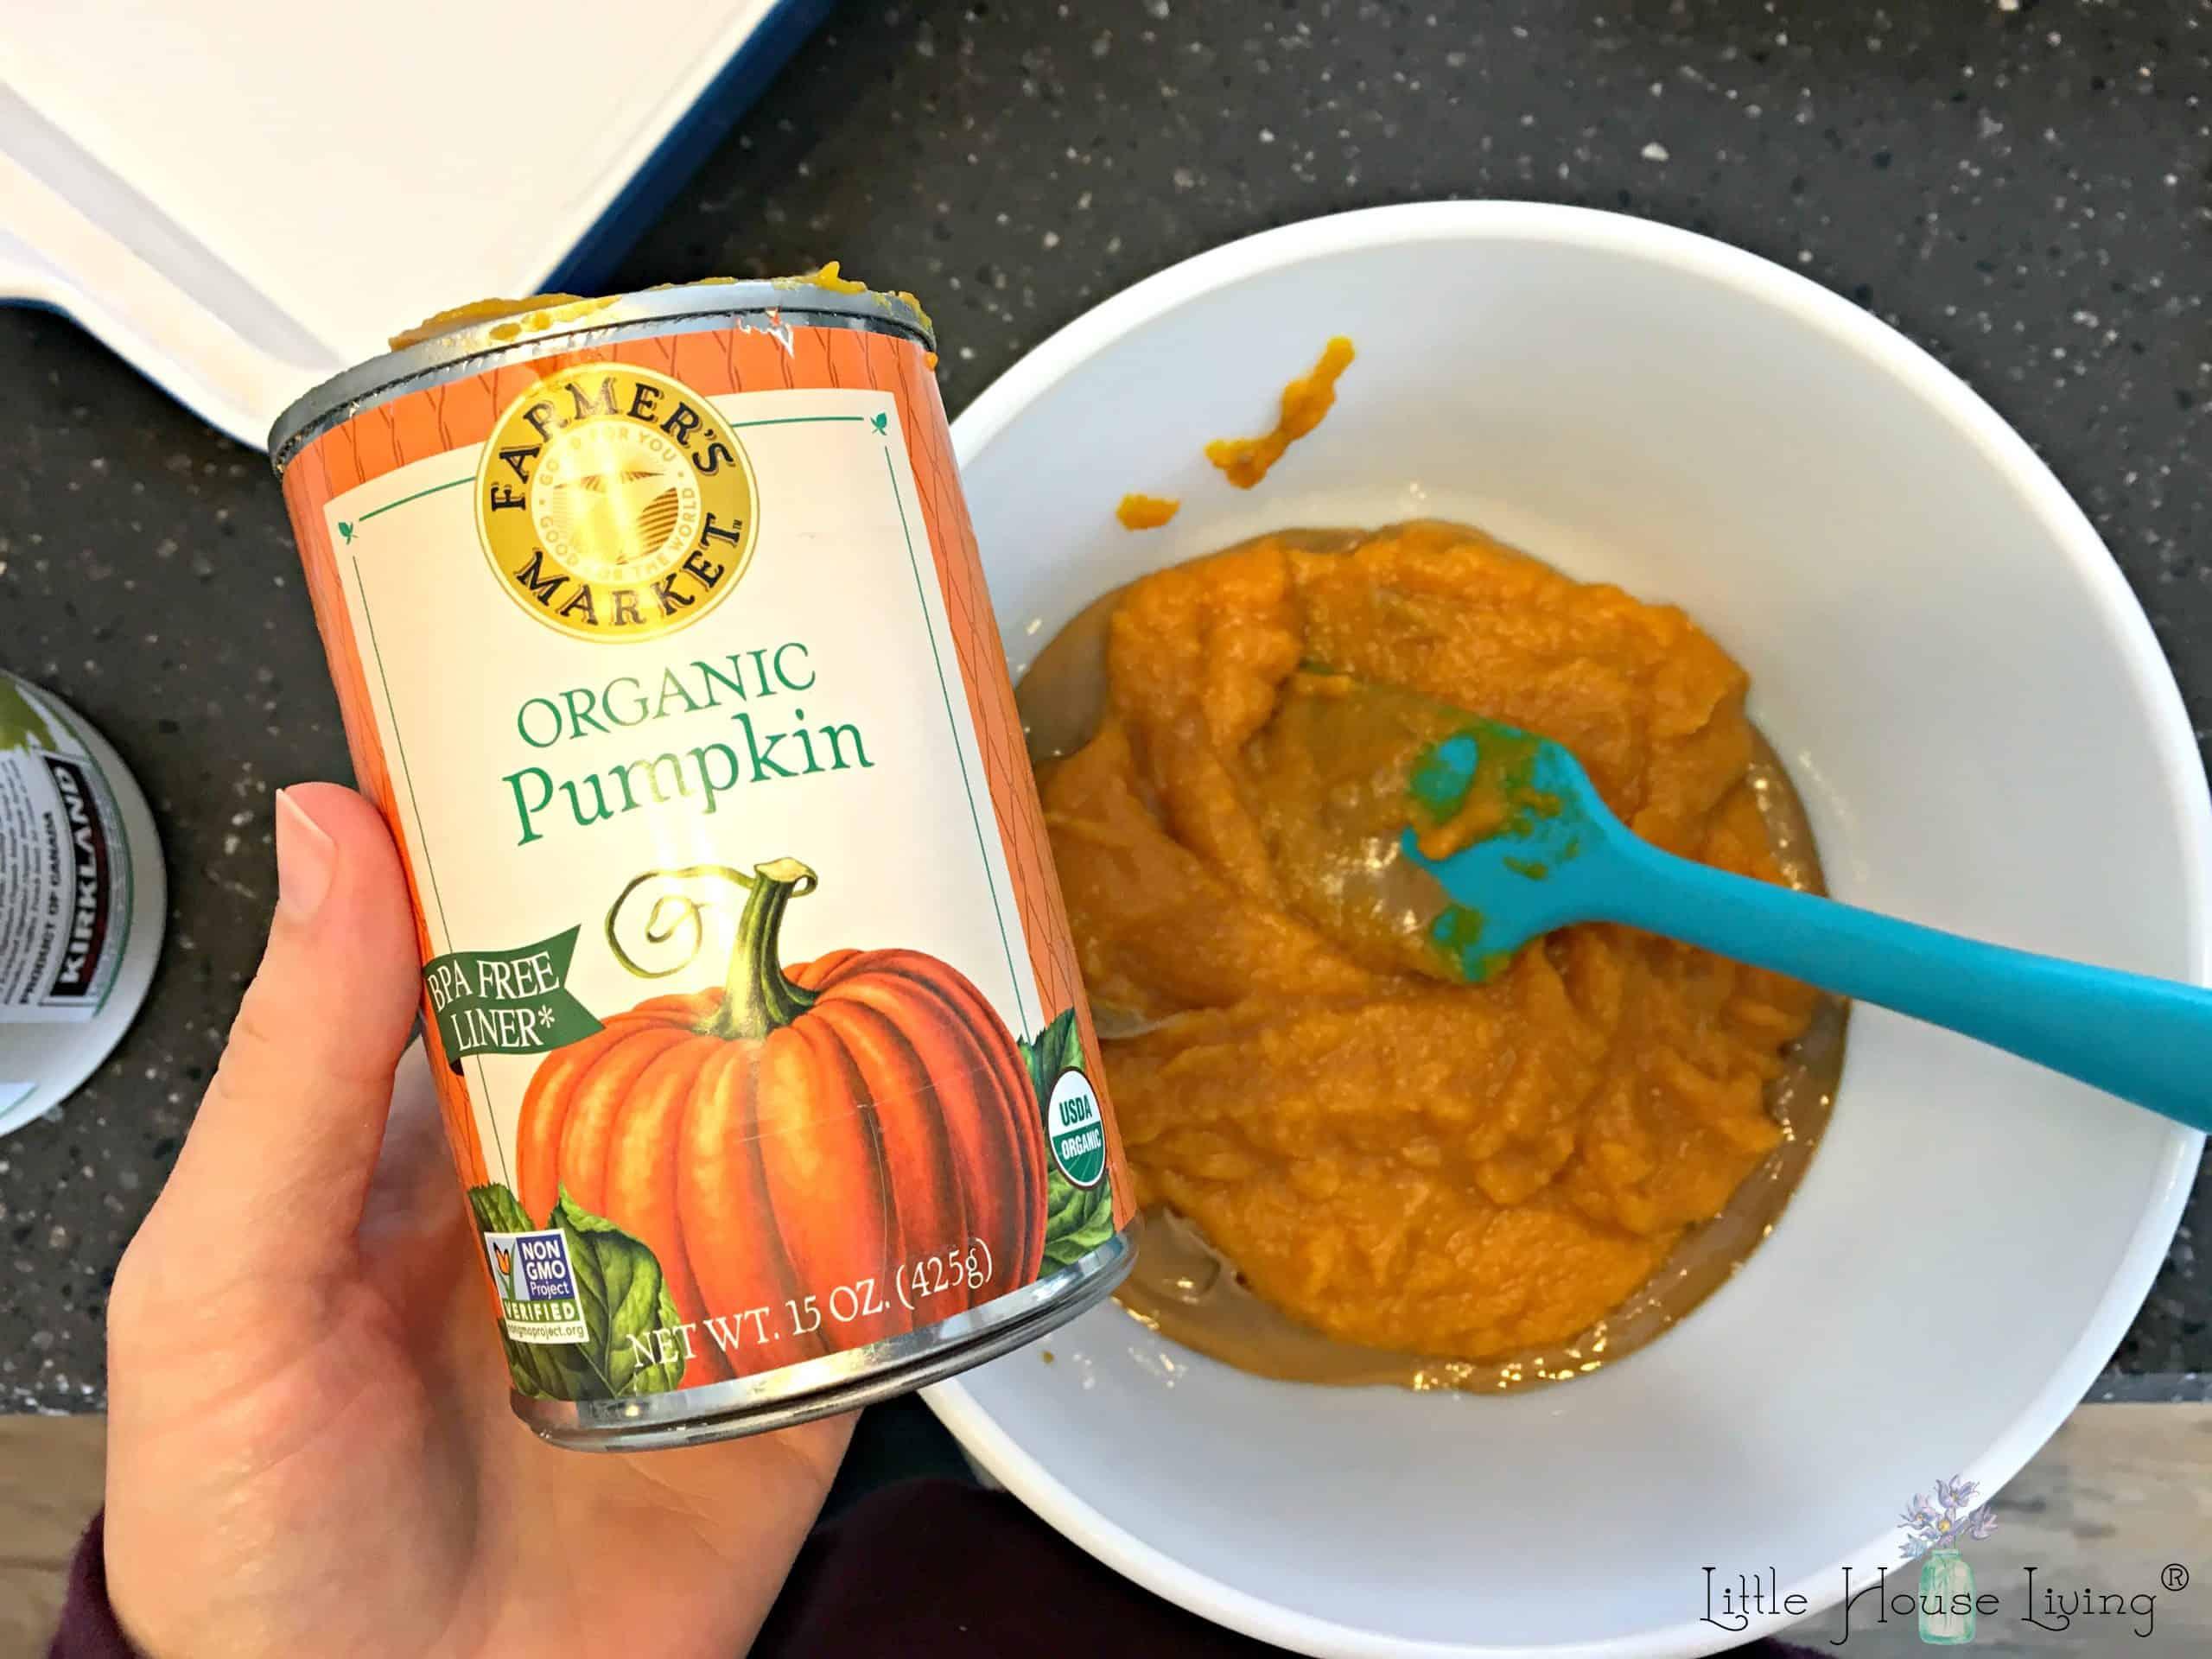 Pumpkin in Brownies